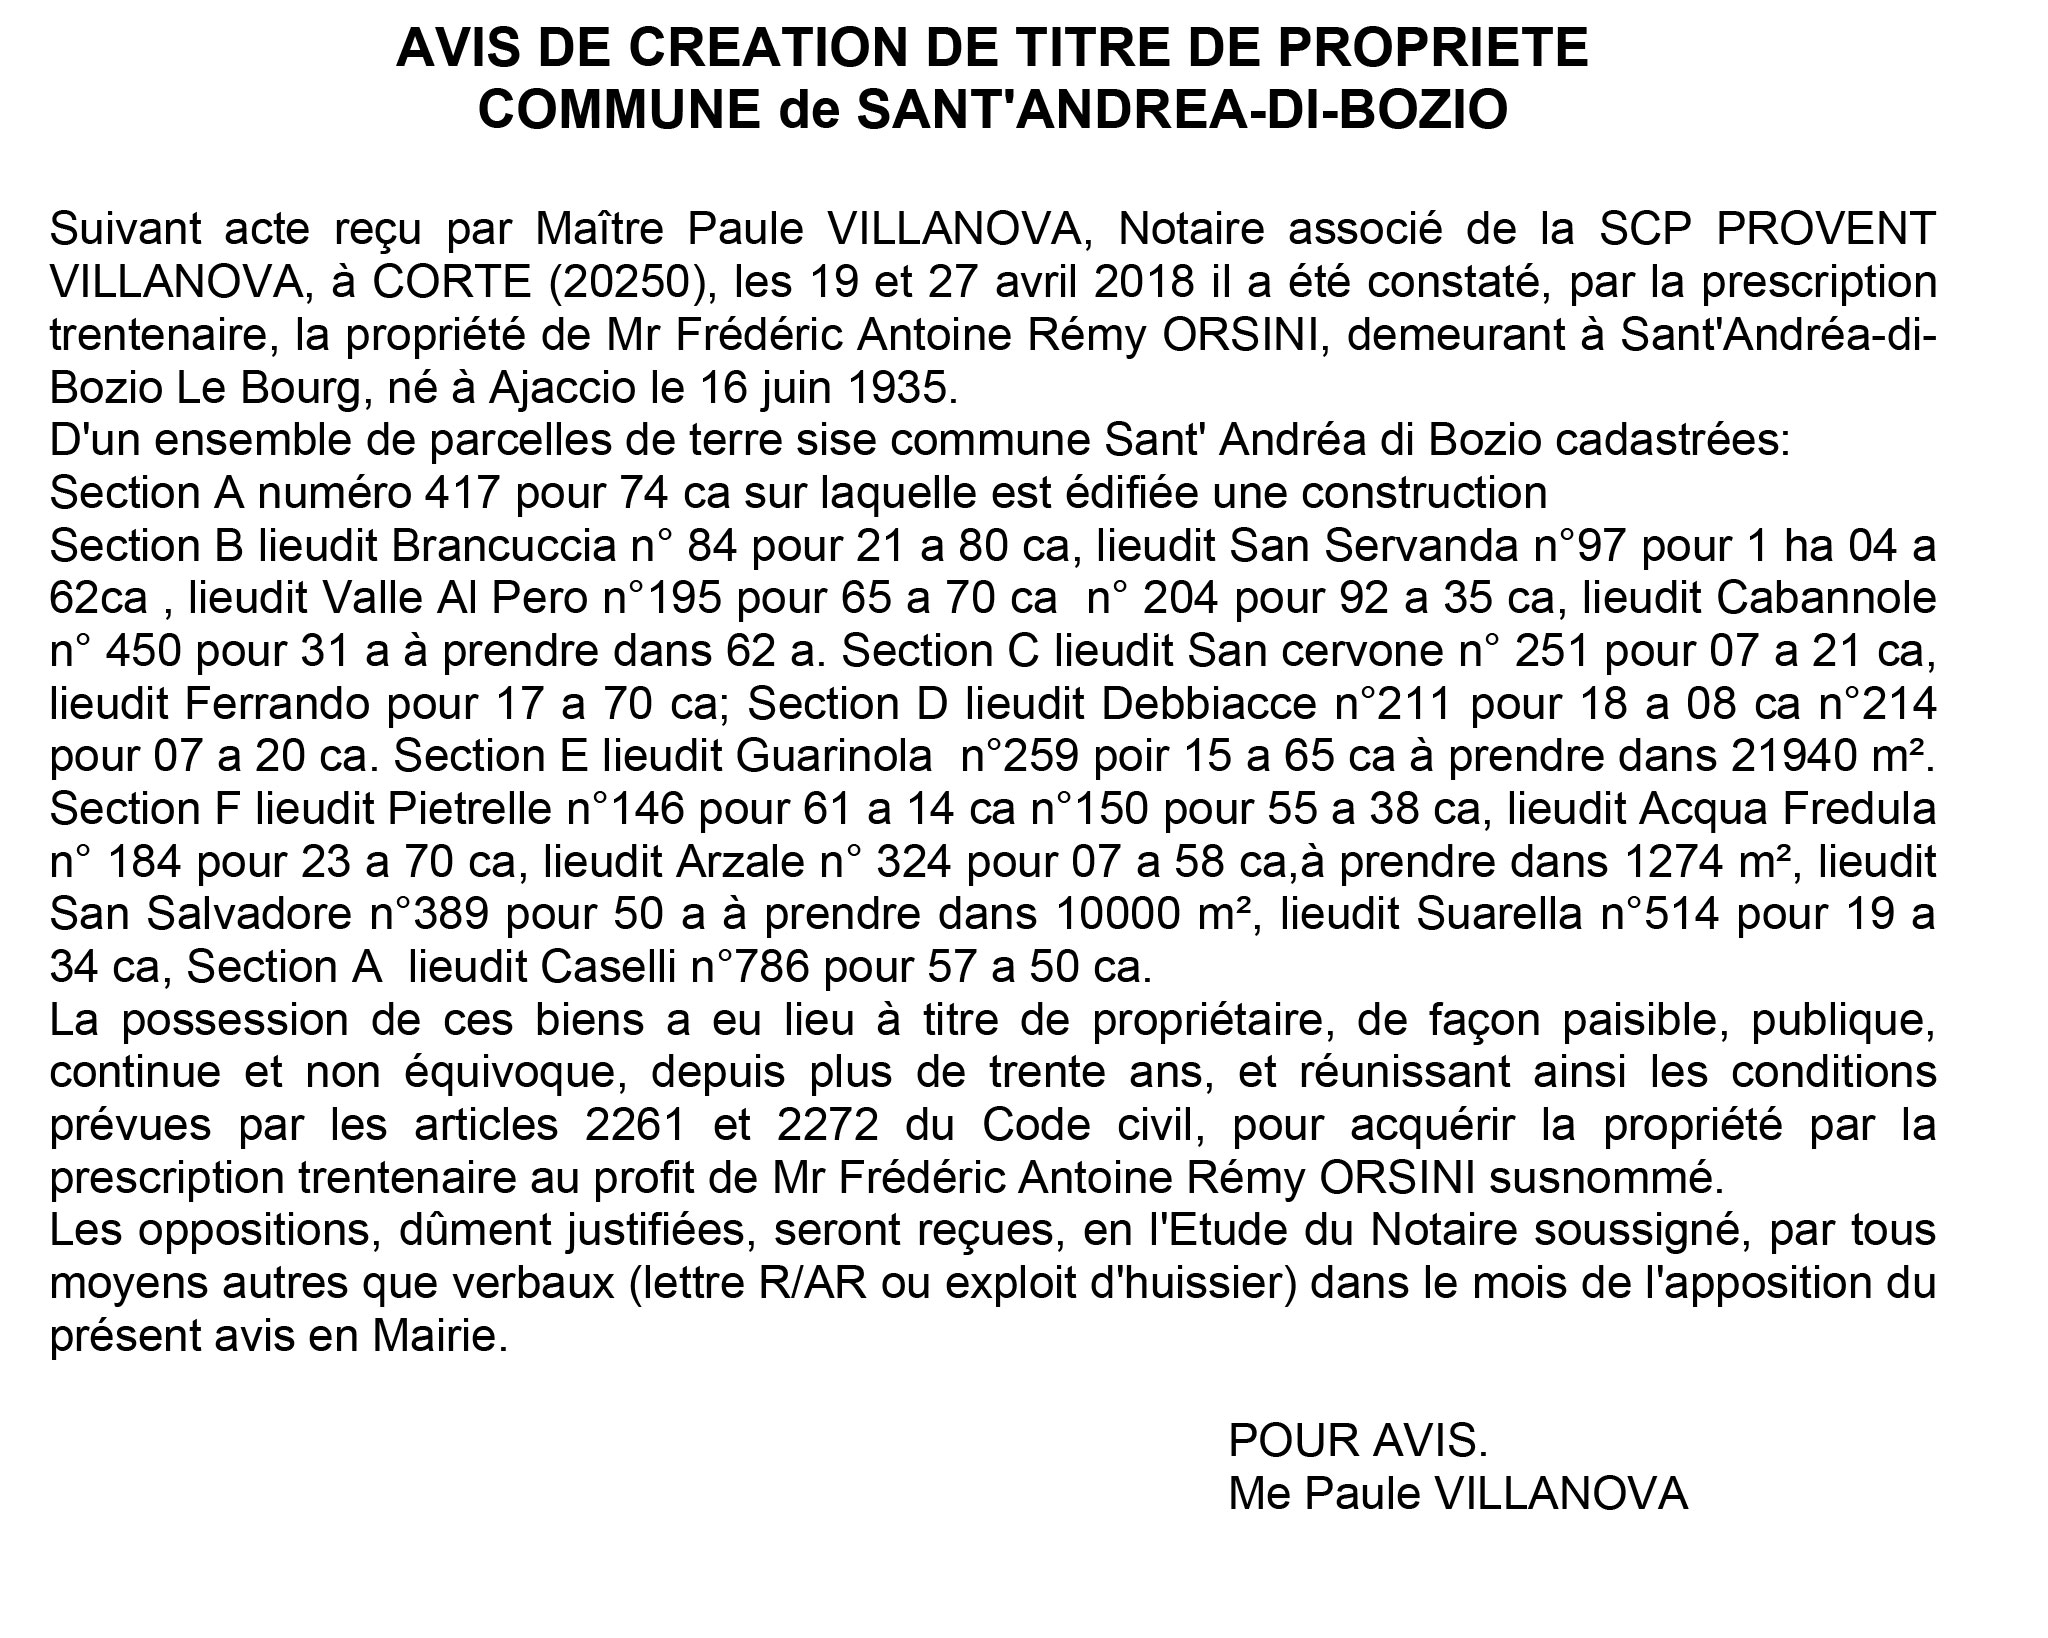 Avis de création de titre de propriété - commune de Sant'Andrea di Bozio (Haute-Corse)